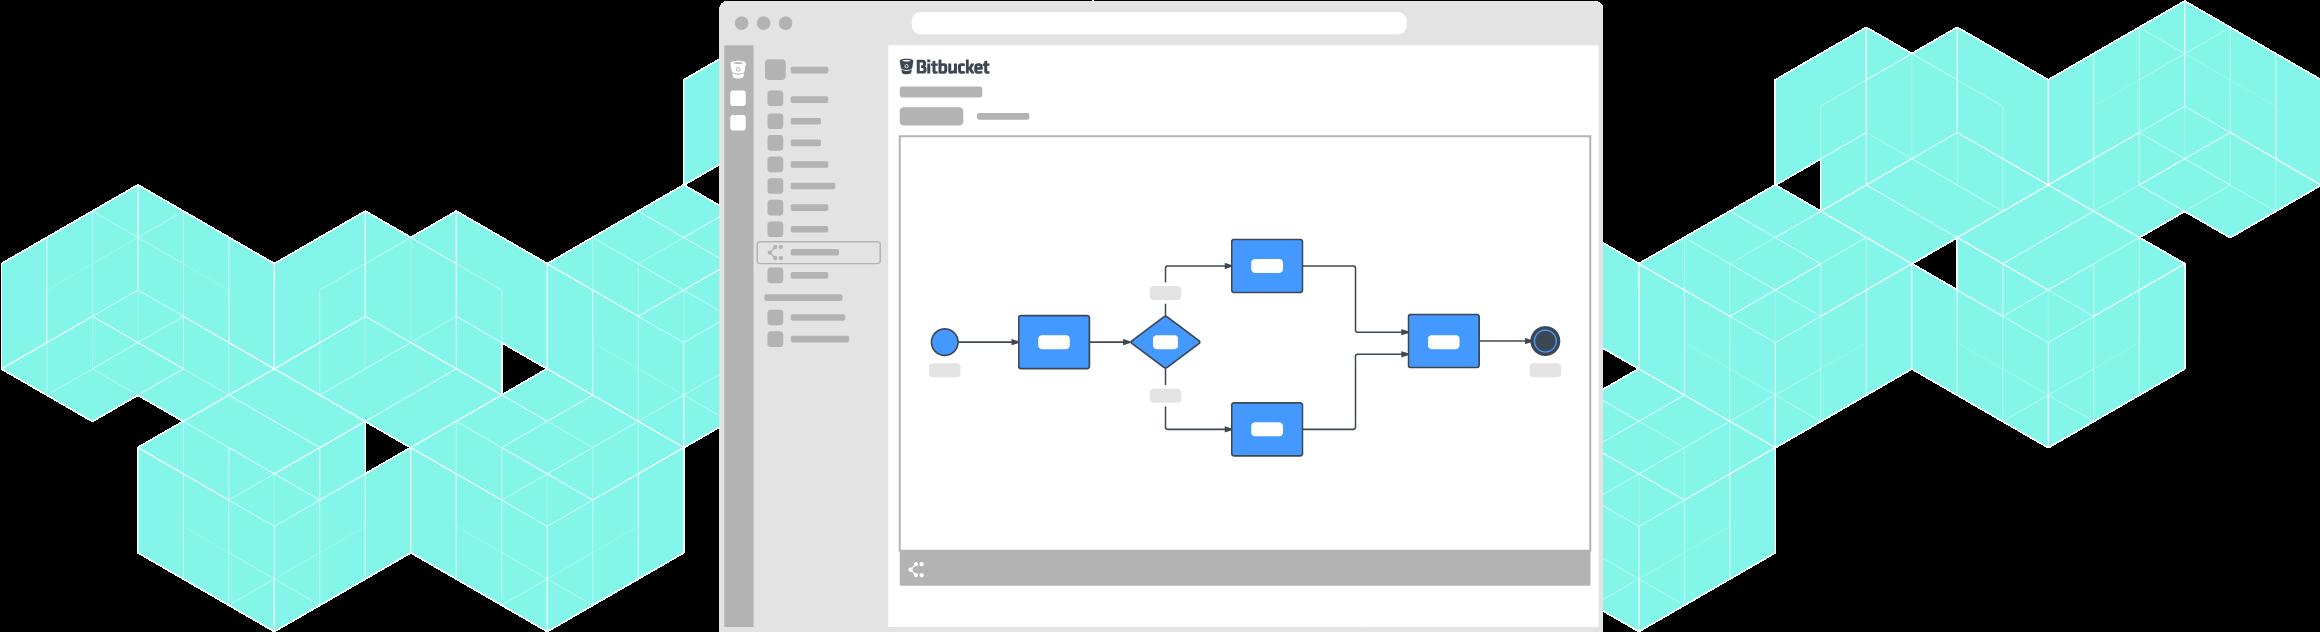 Lucidchart for Bitbucket app